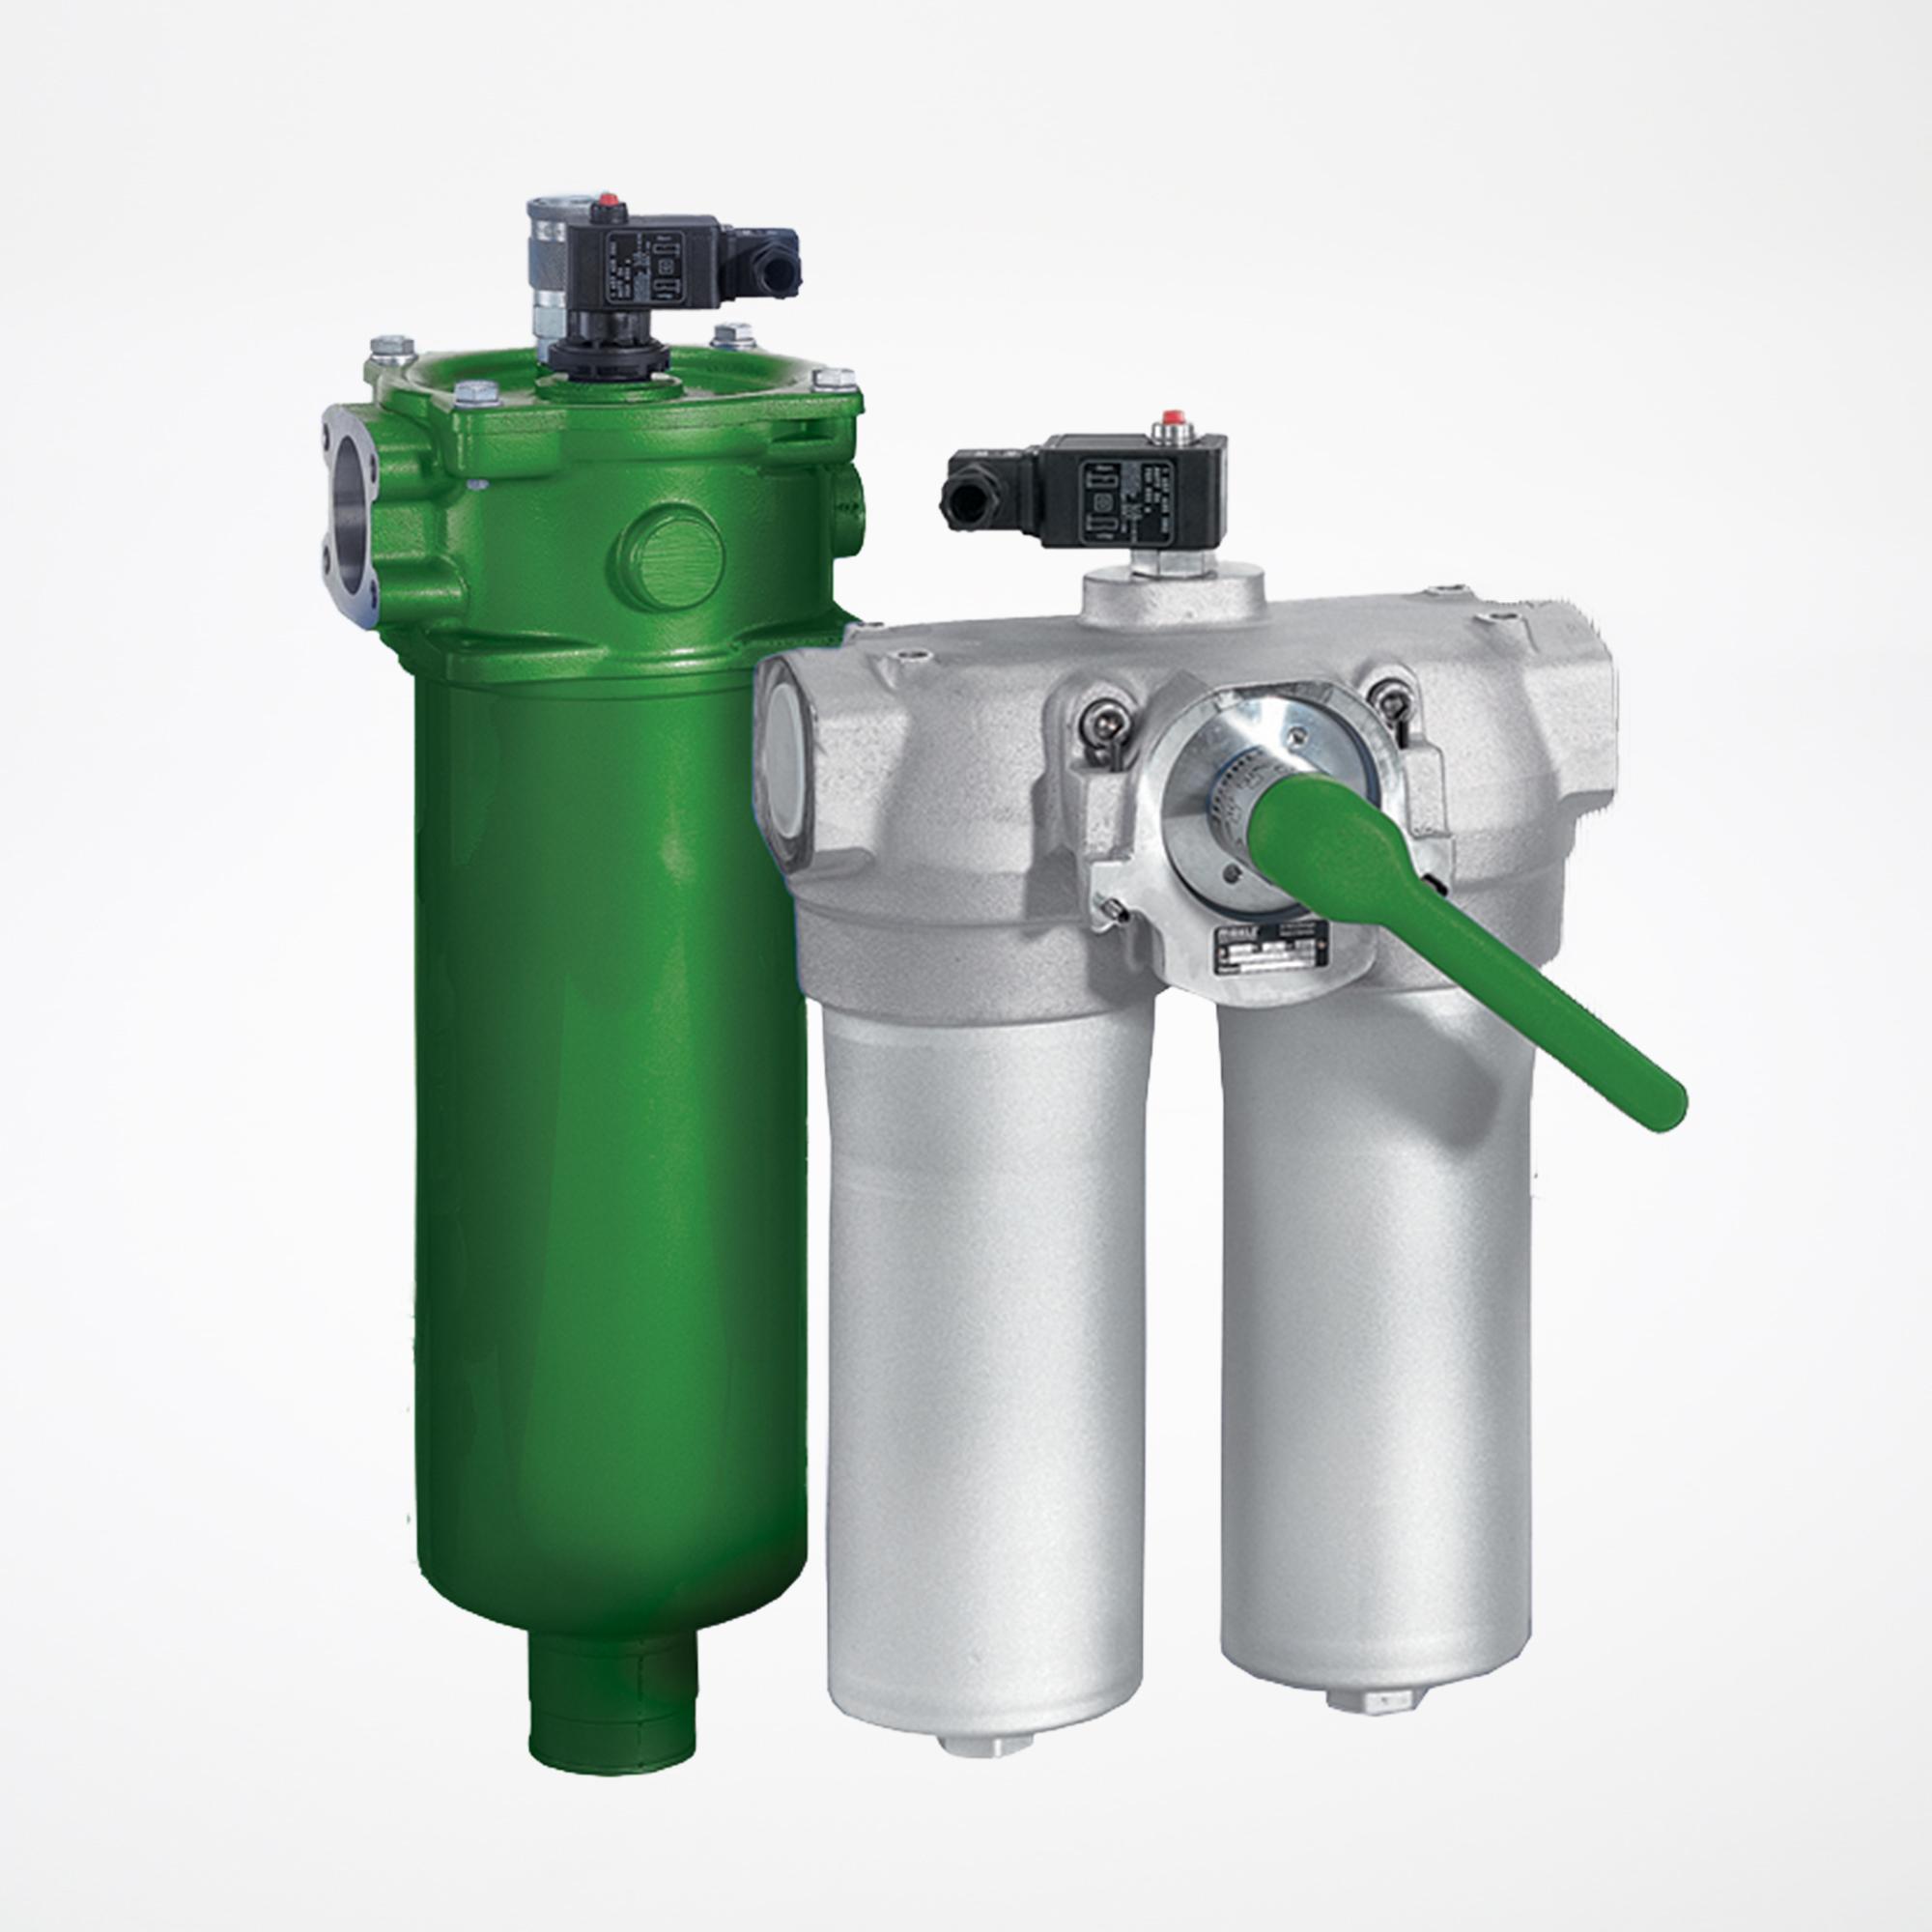 Filterhus for hydraulikk, PI-serien